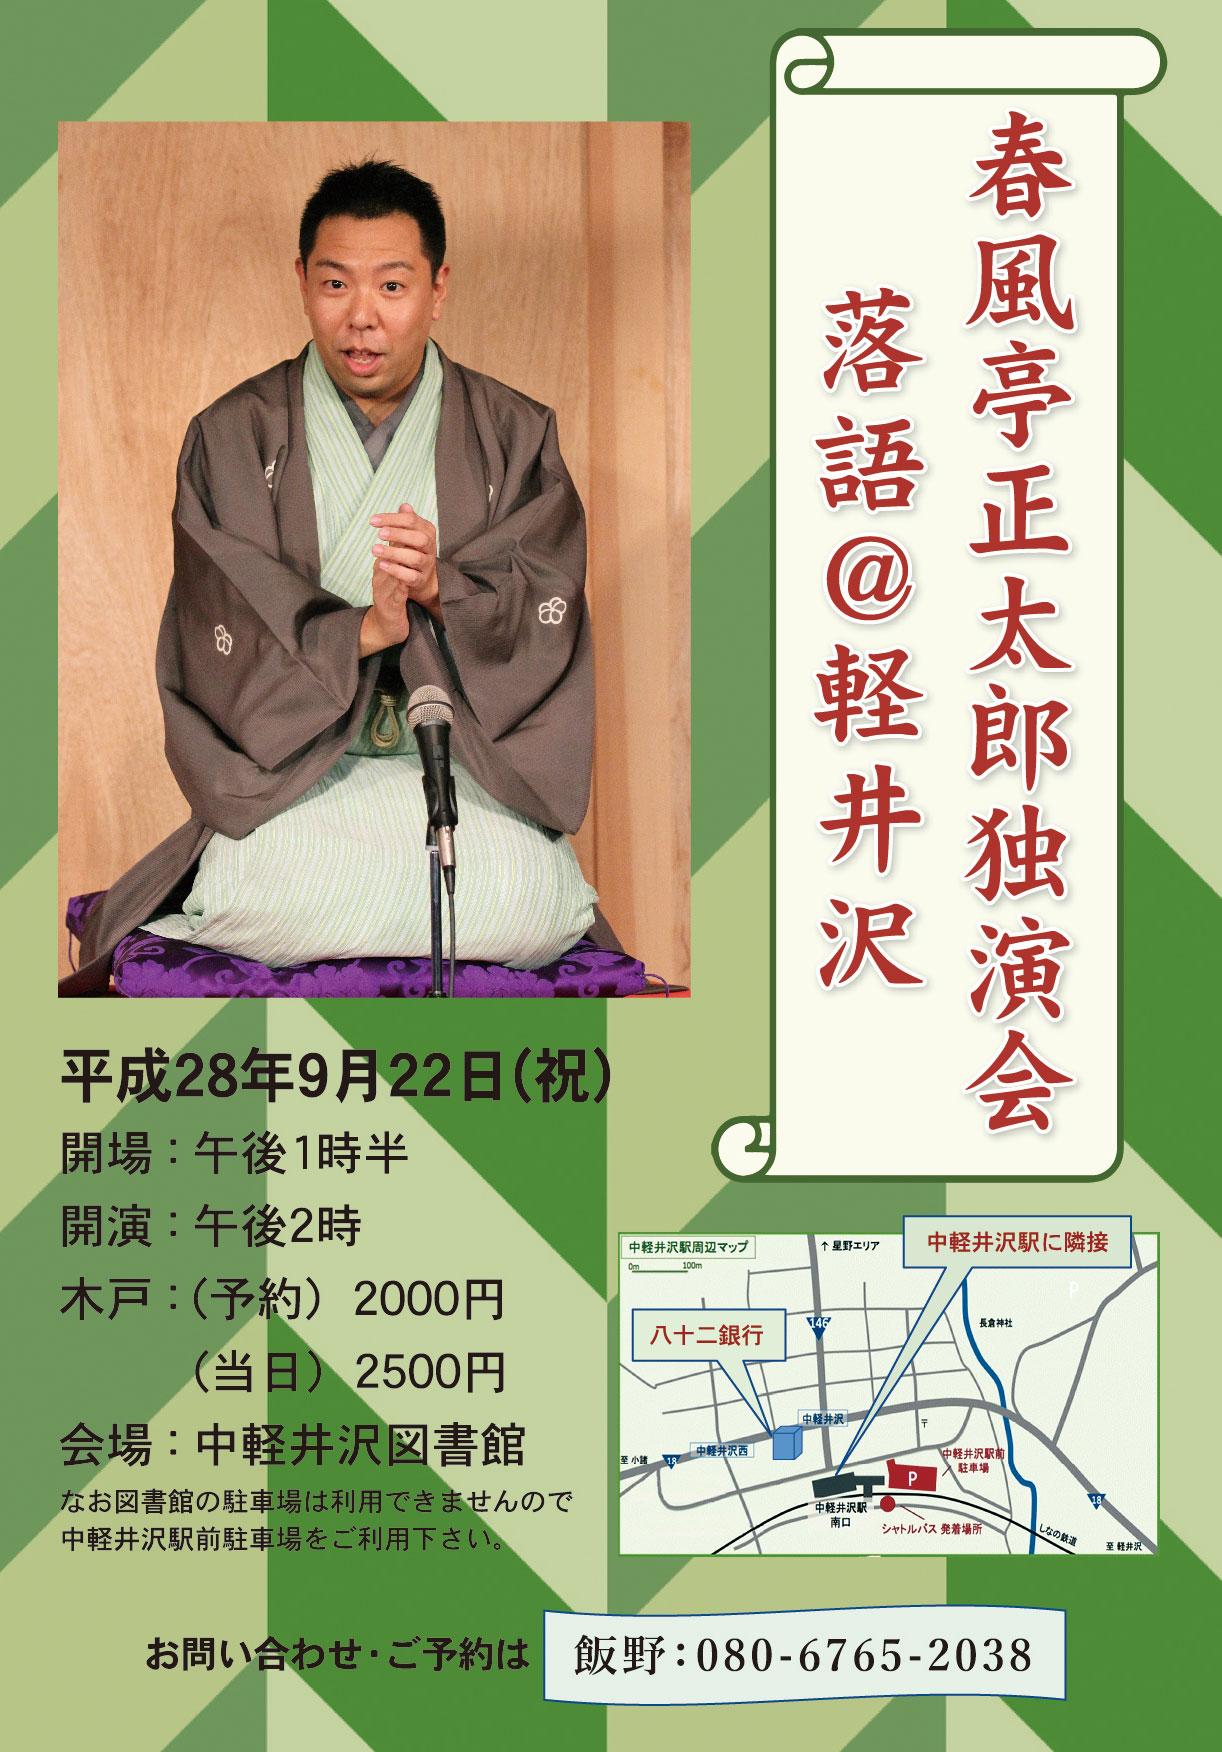 春風亭正太郎さんの軽井沢独演会のチラシ出来ました